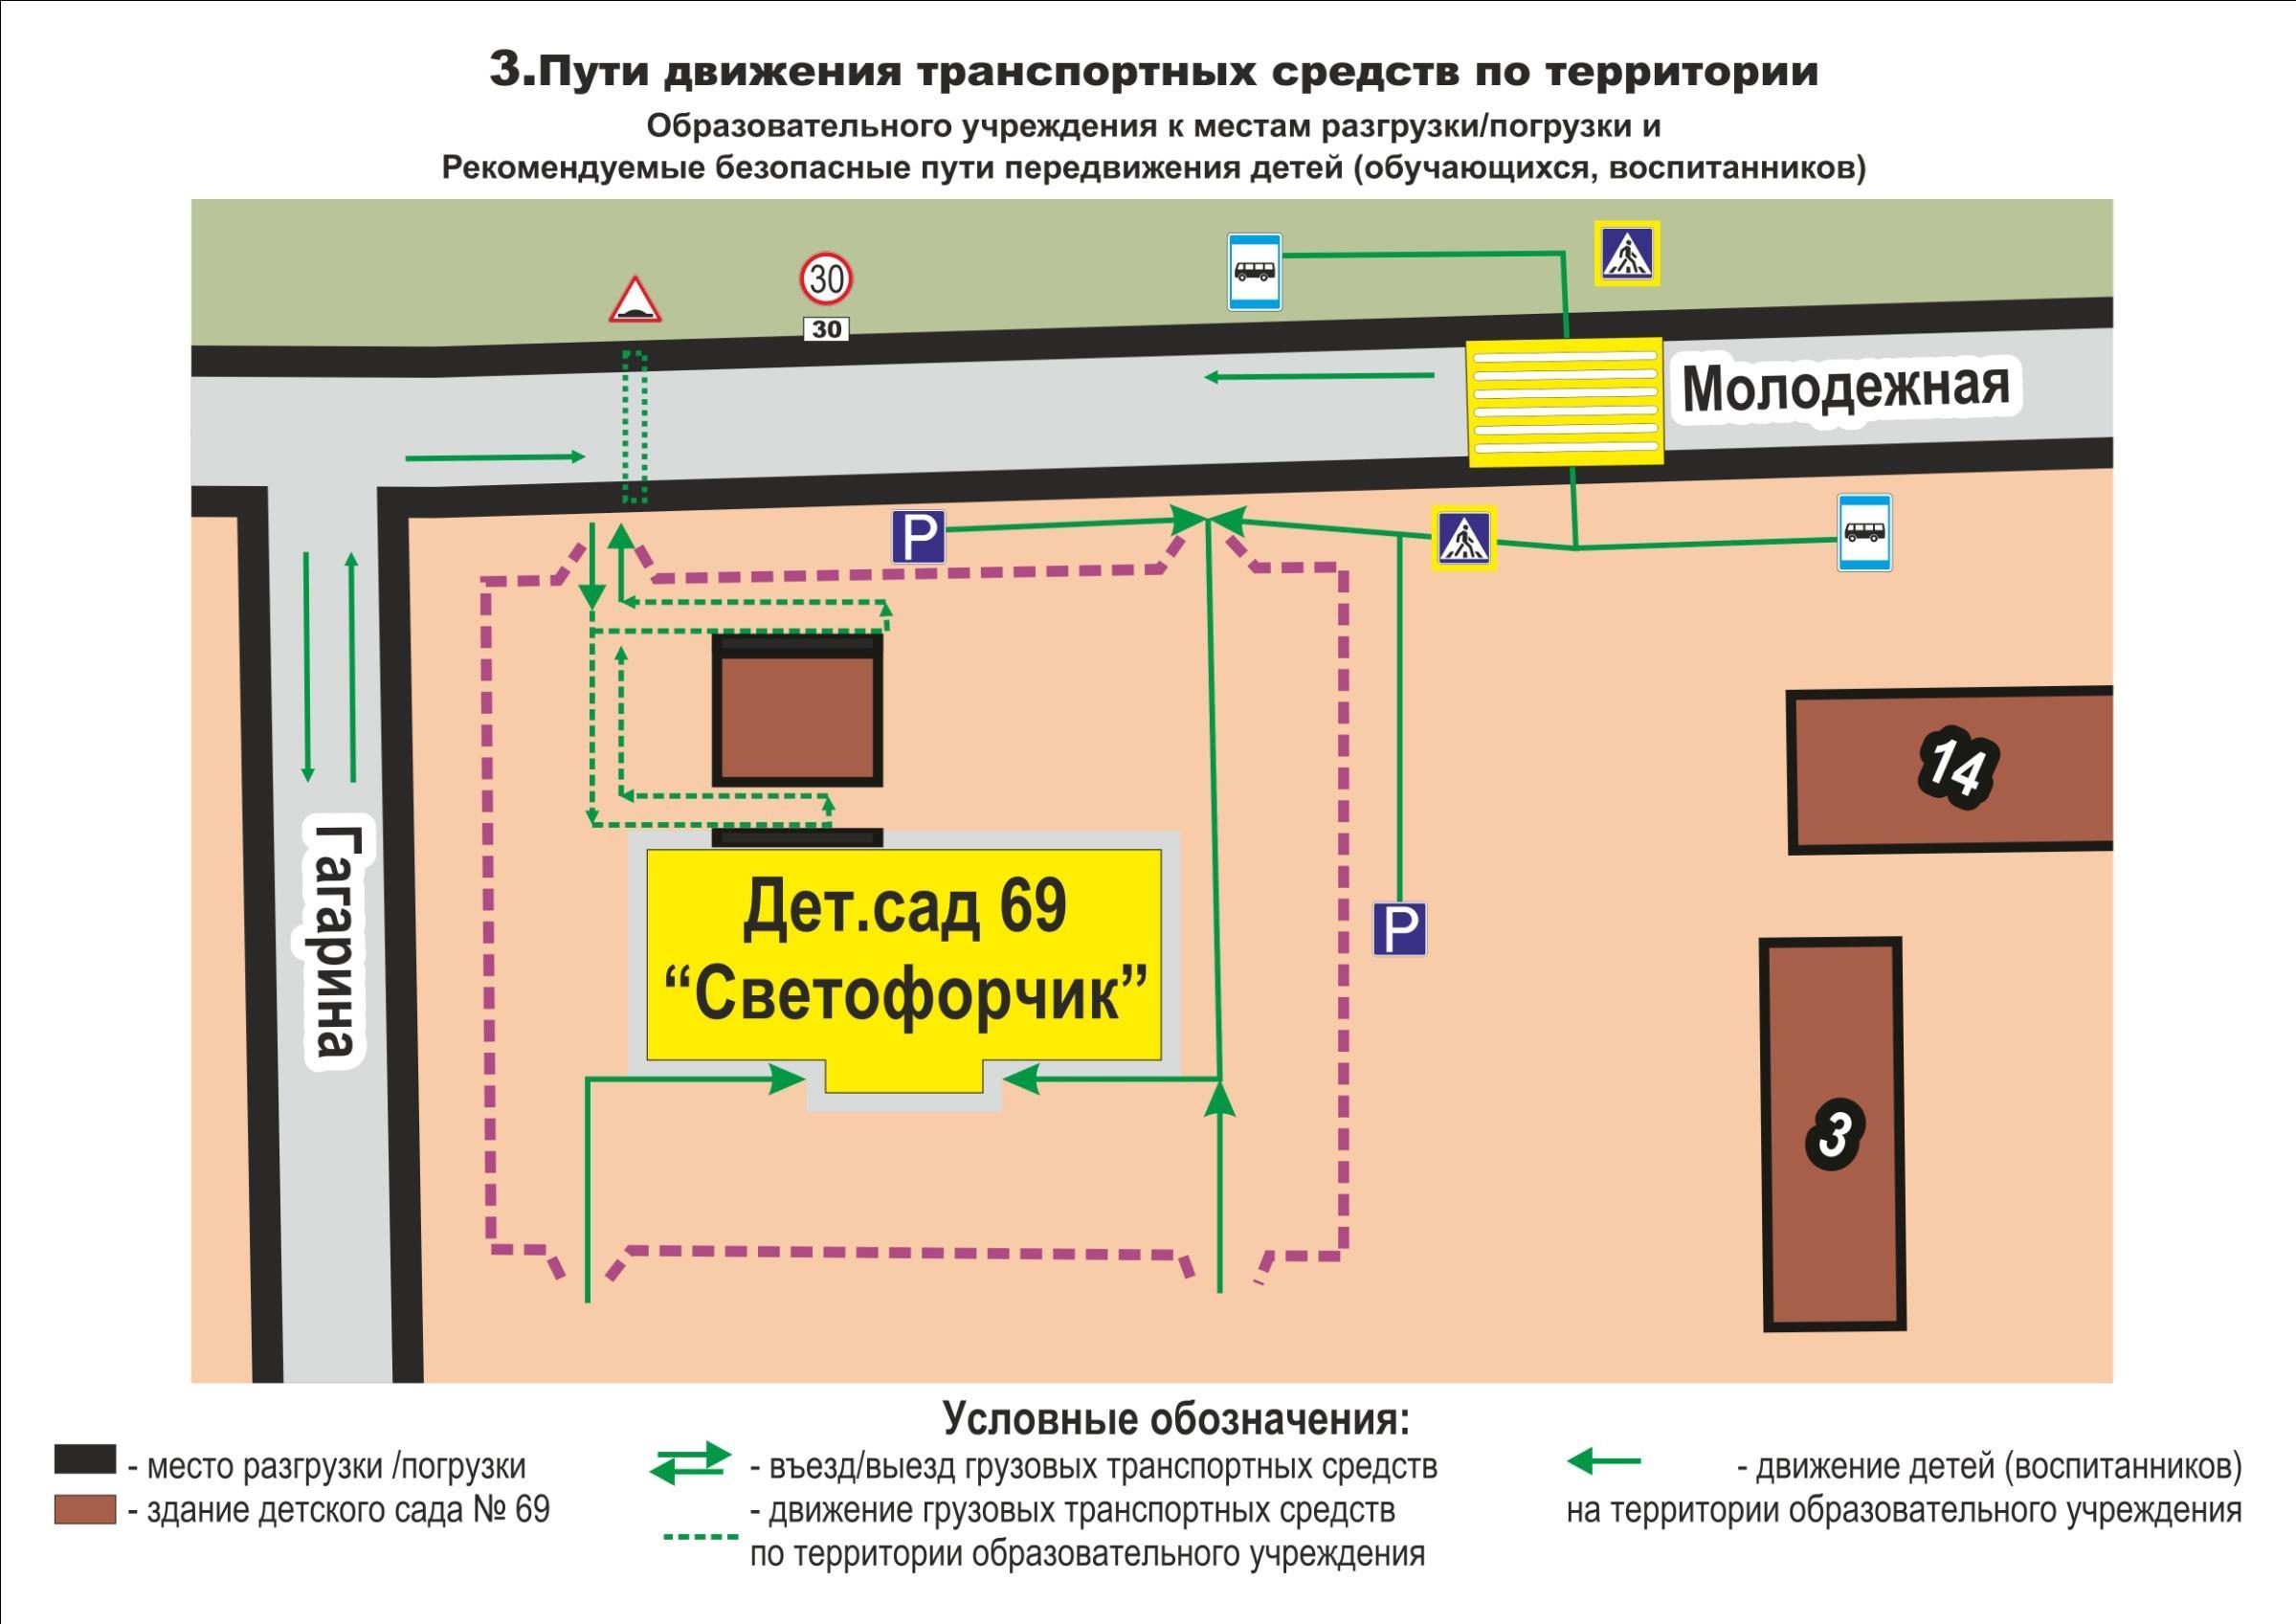 Схема установки транспортных средств